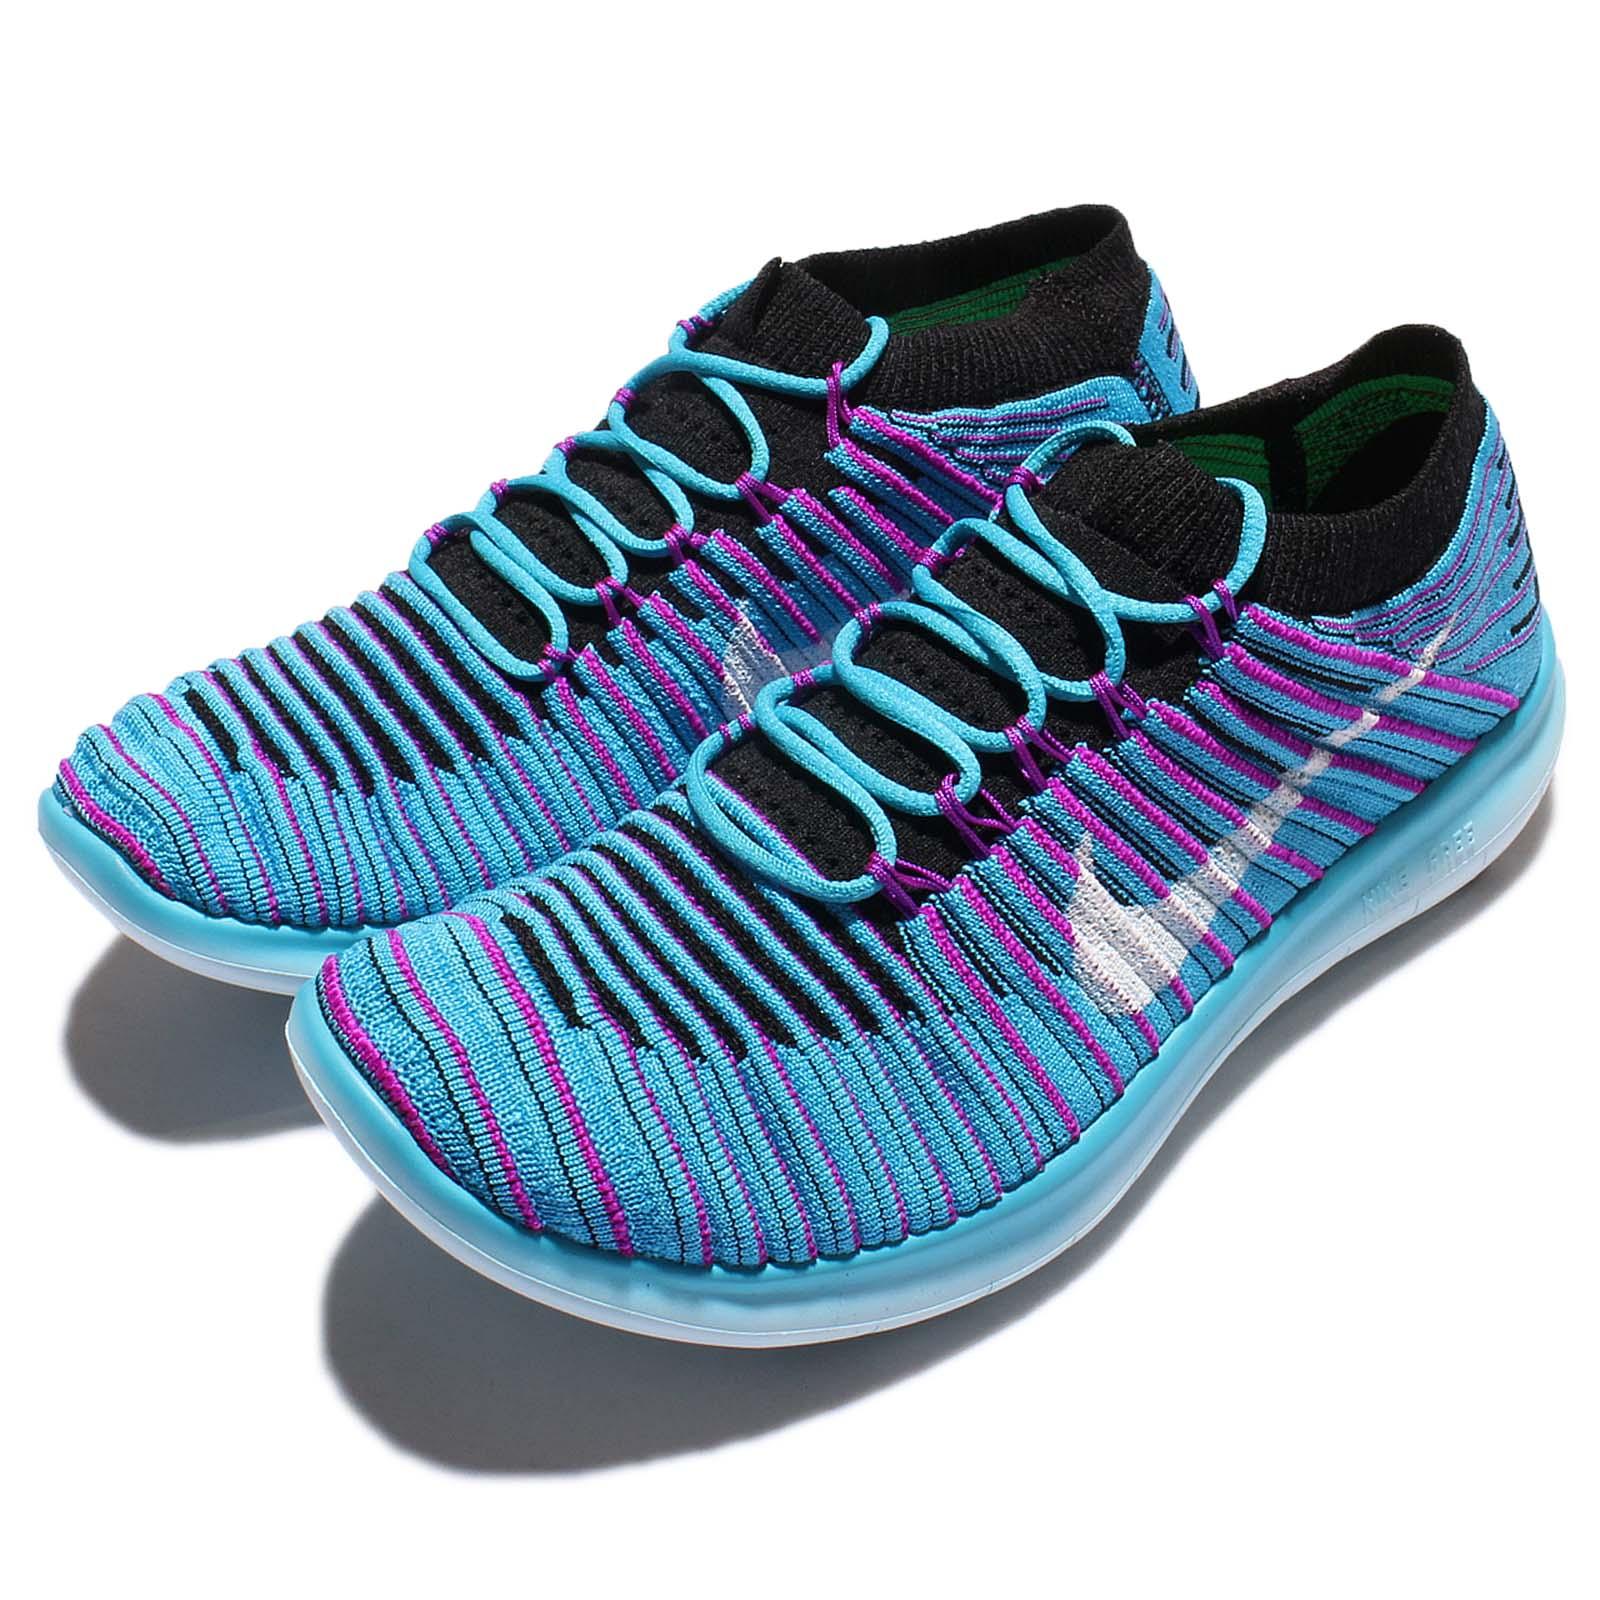 Nike 慢跑鞋 Free RN Motion 路跑 女鞋 834585-401